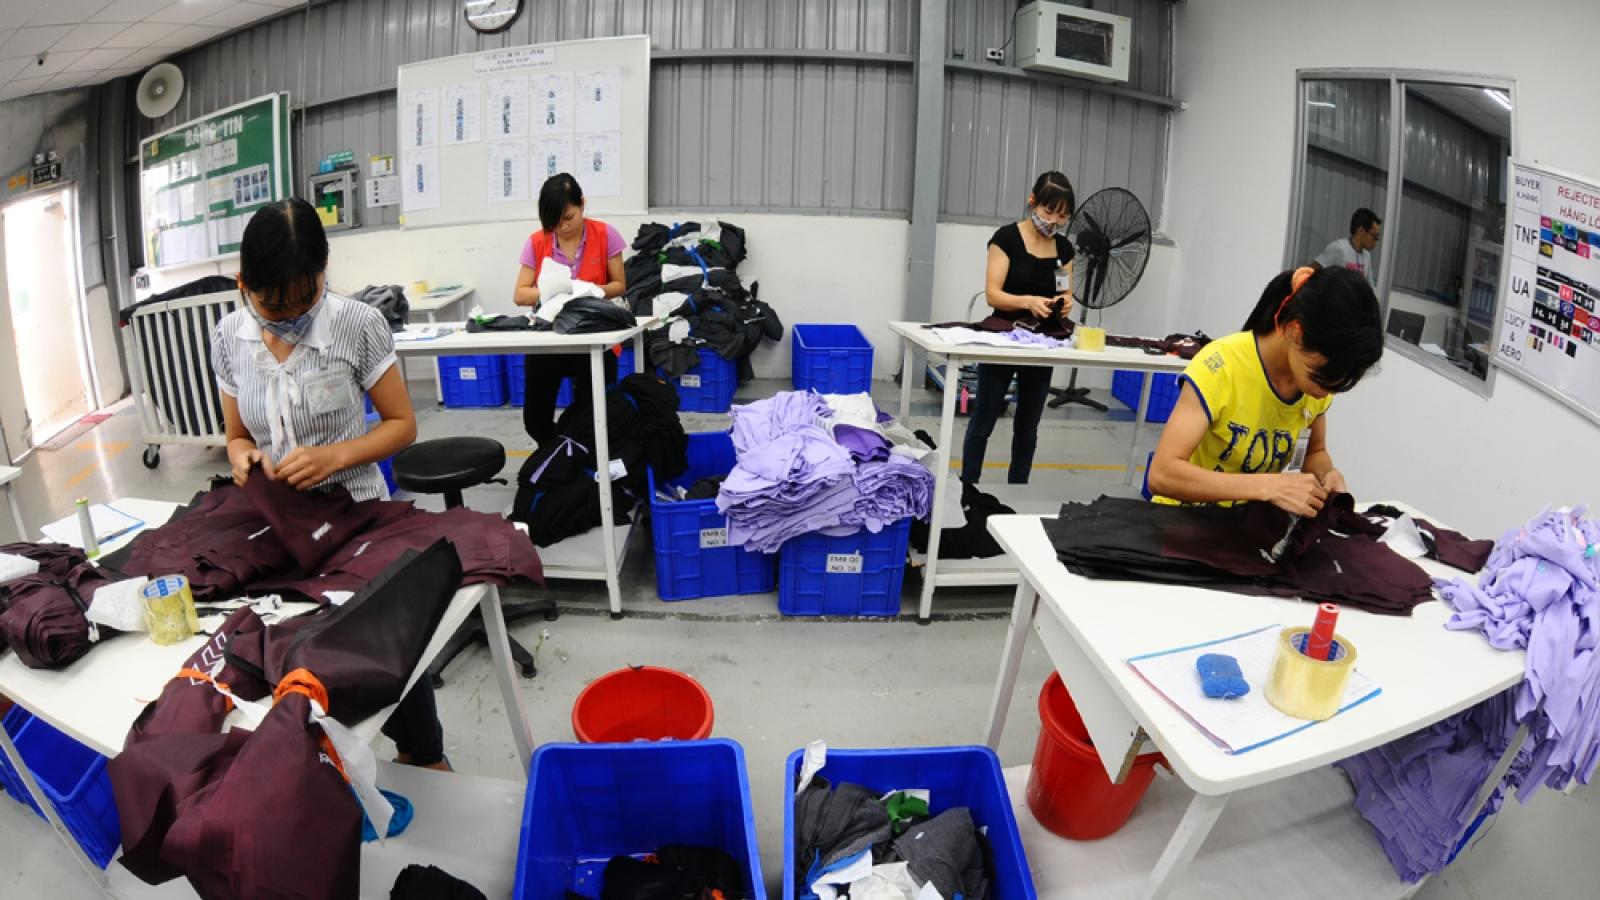 Quý III, Việt Nam có 31,8 triệu lao động bị ảnh hưởng bởi dịch Covid-19